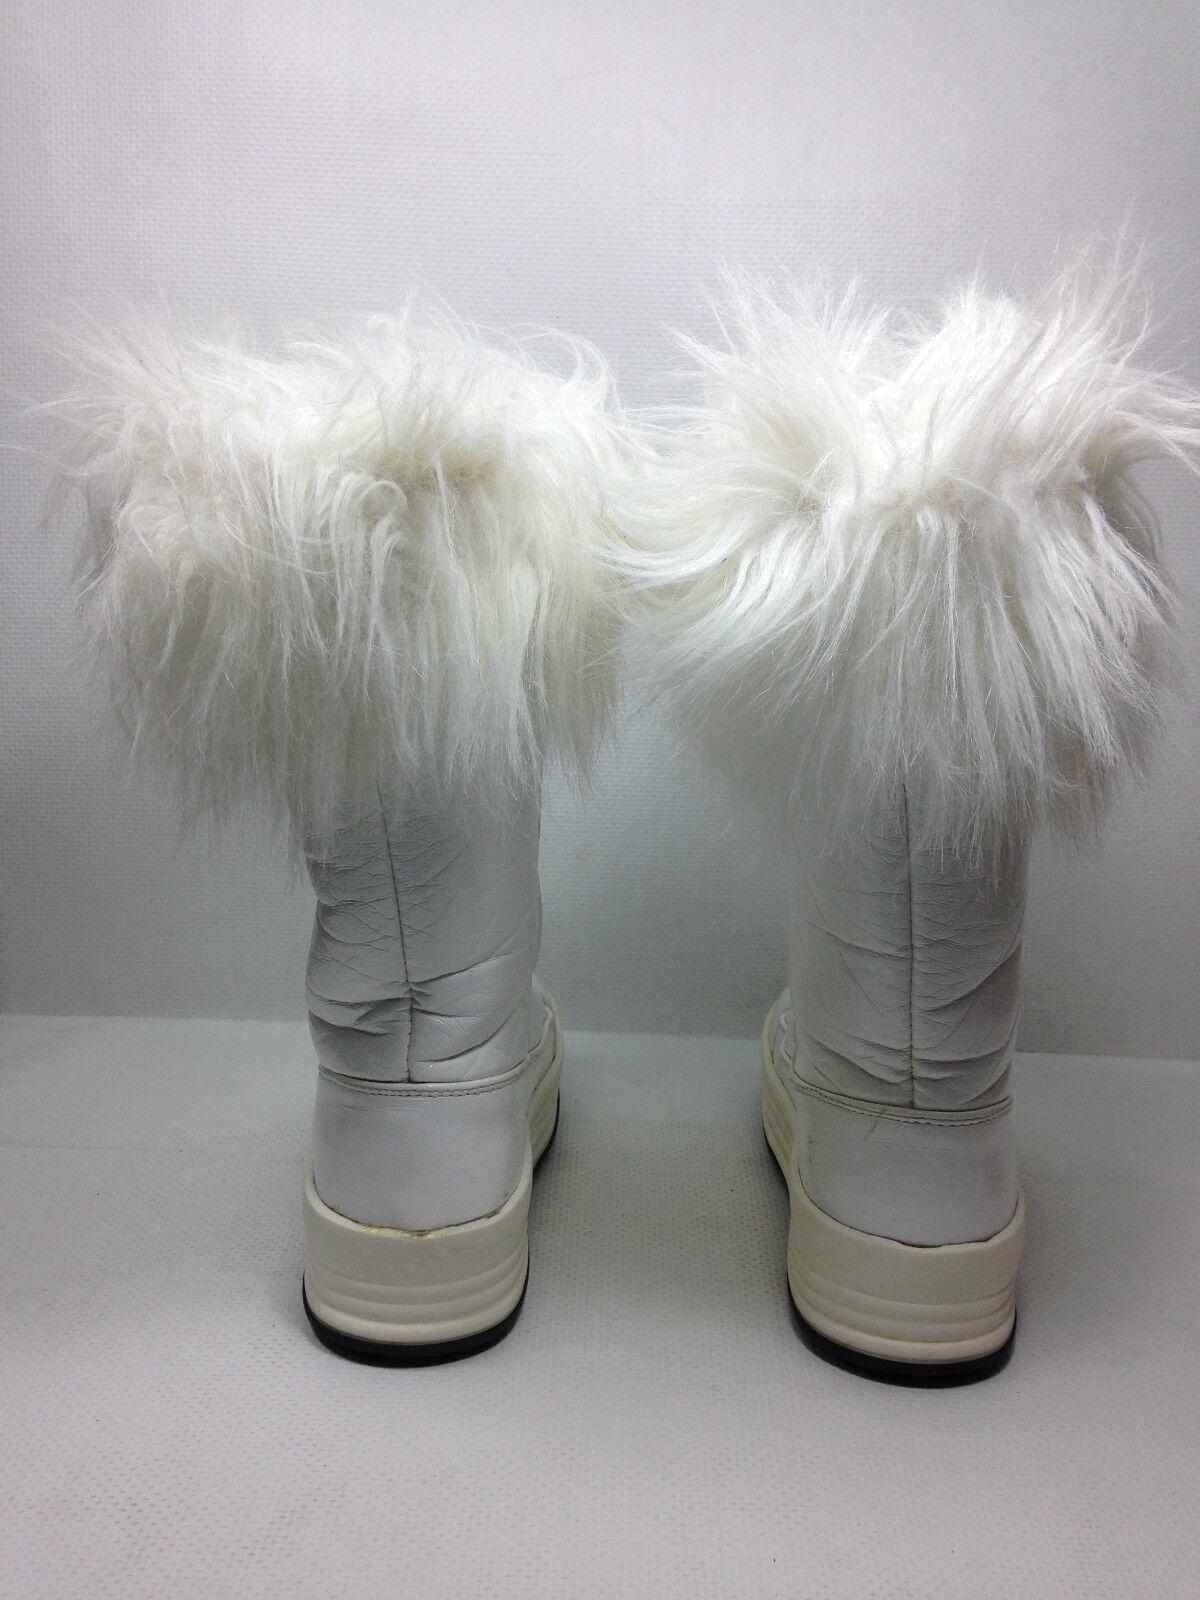 Pajar Weiß Stiefel Patten Leder  Mid calf Fur Top Stiefel Weiß Größe Eur. 36 027a23